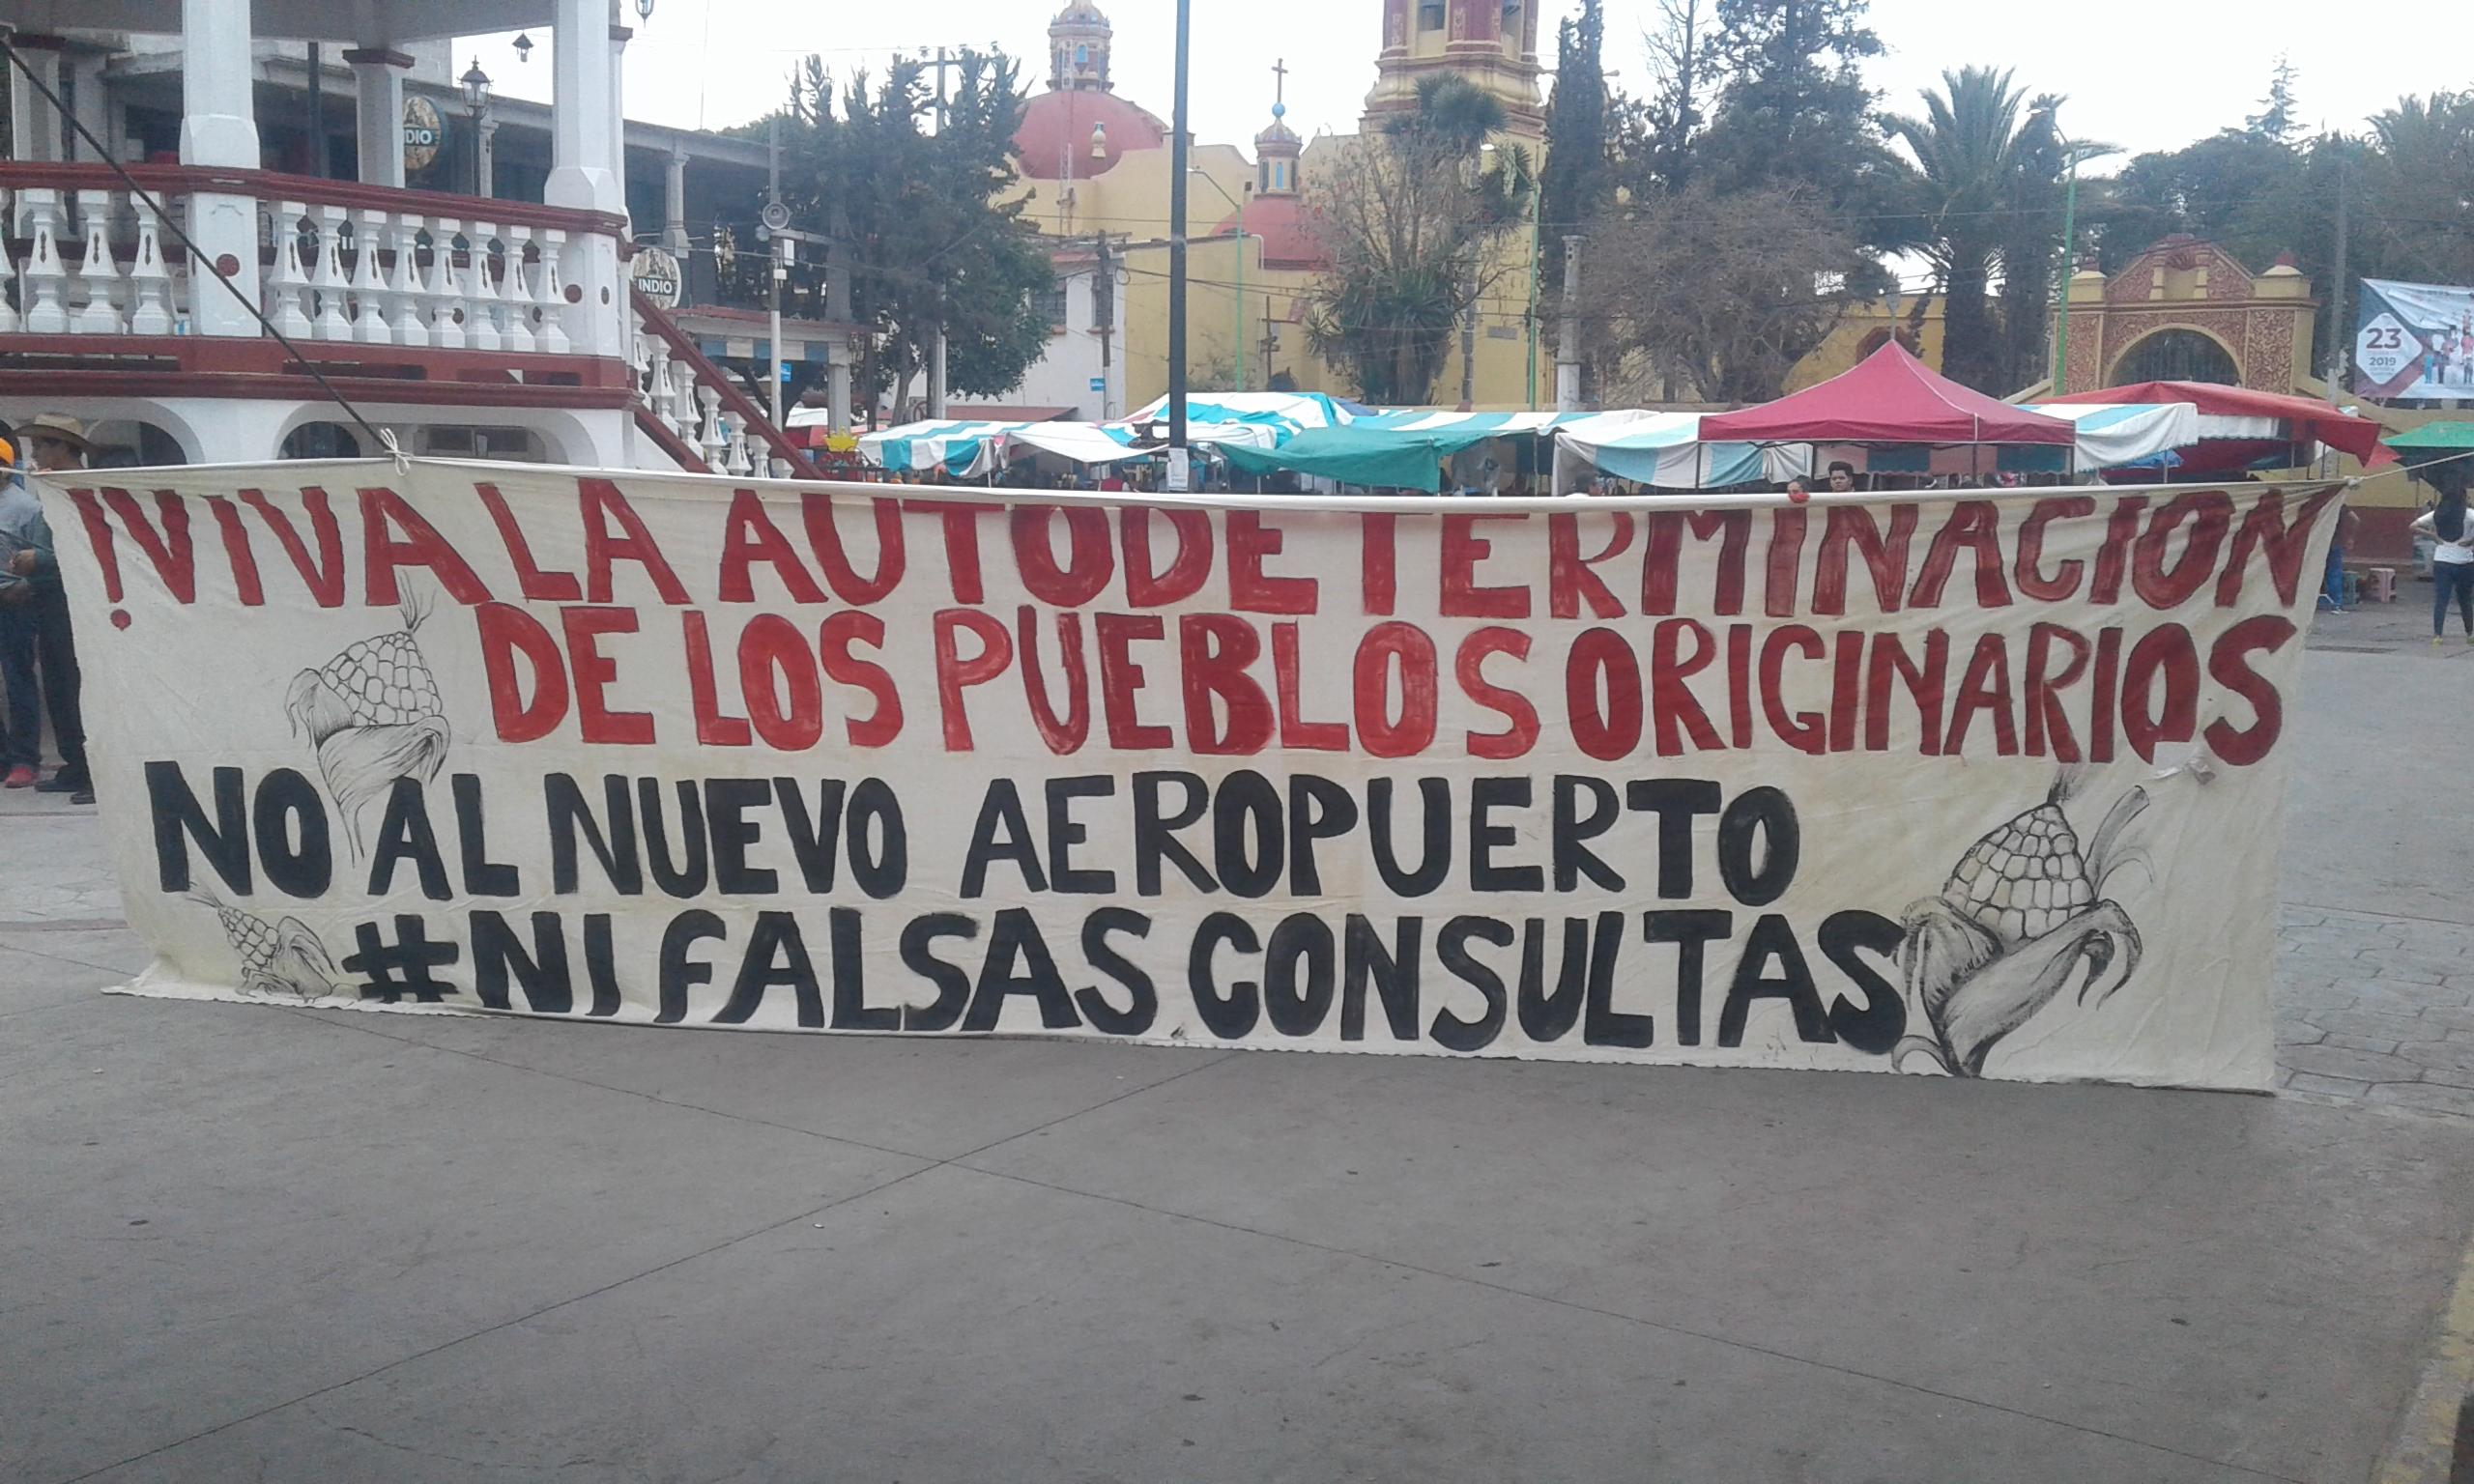 Desprecio, intimidación y ecocidio, afectaciones a los pueblos originarios por la construcción del aeropuerto en Santa Lucía (Estado de México)